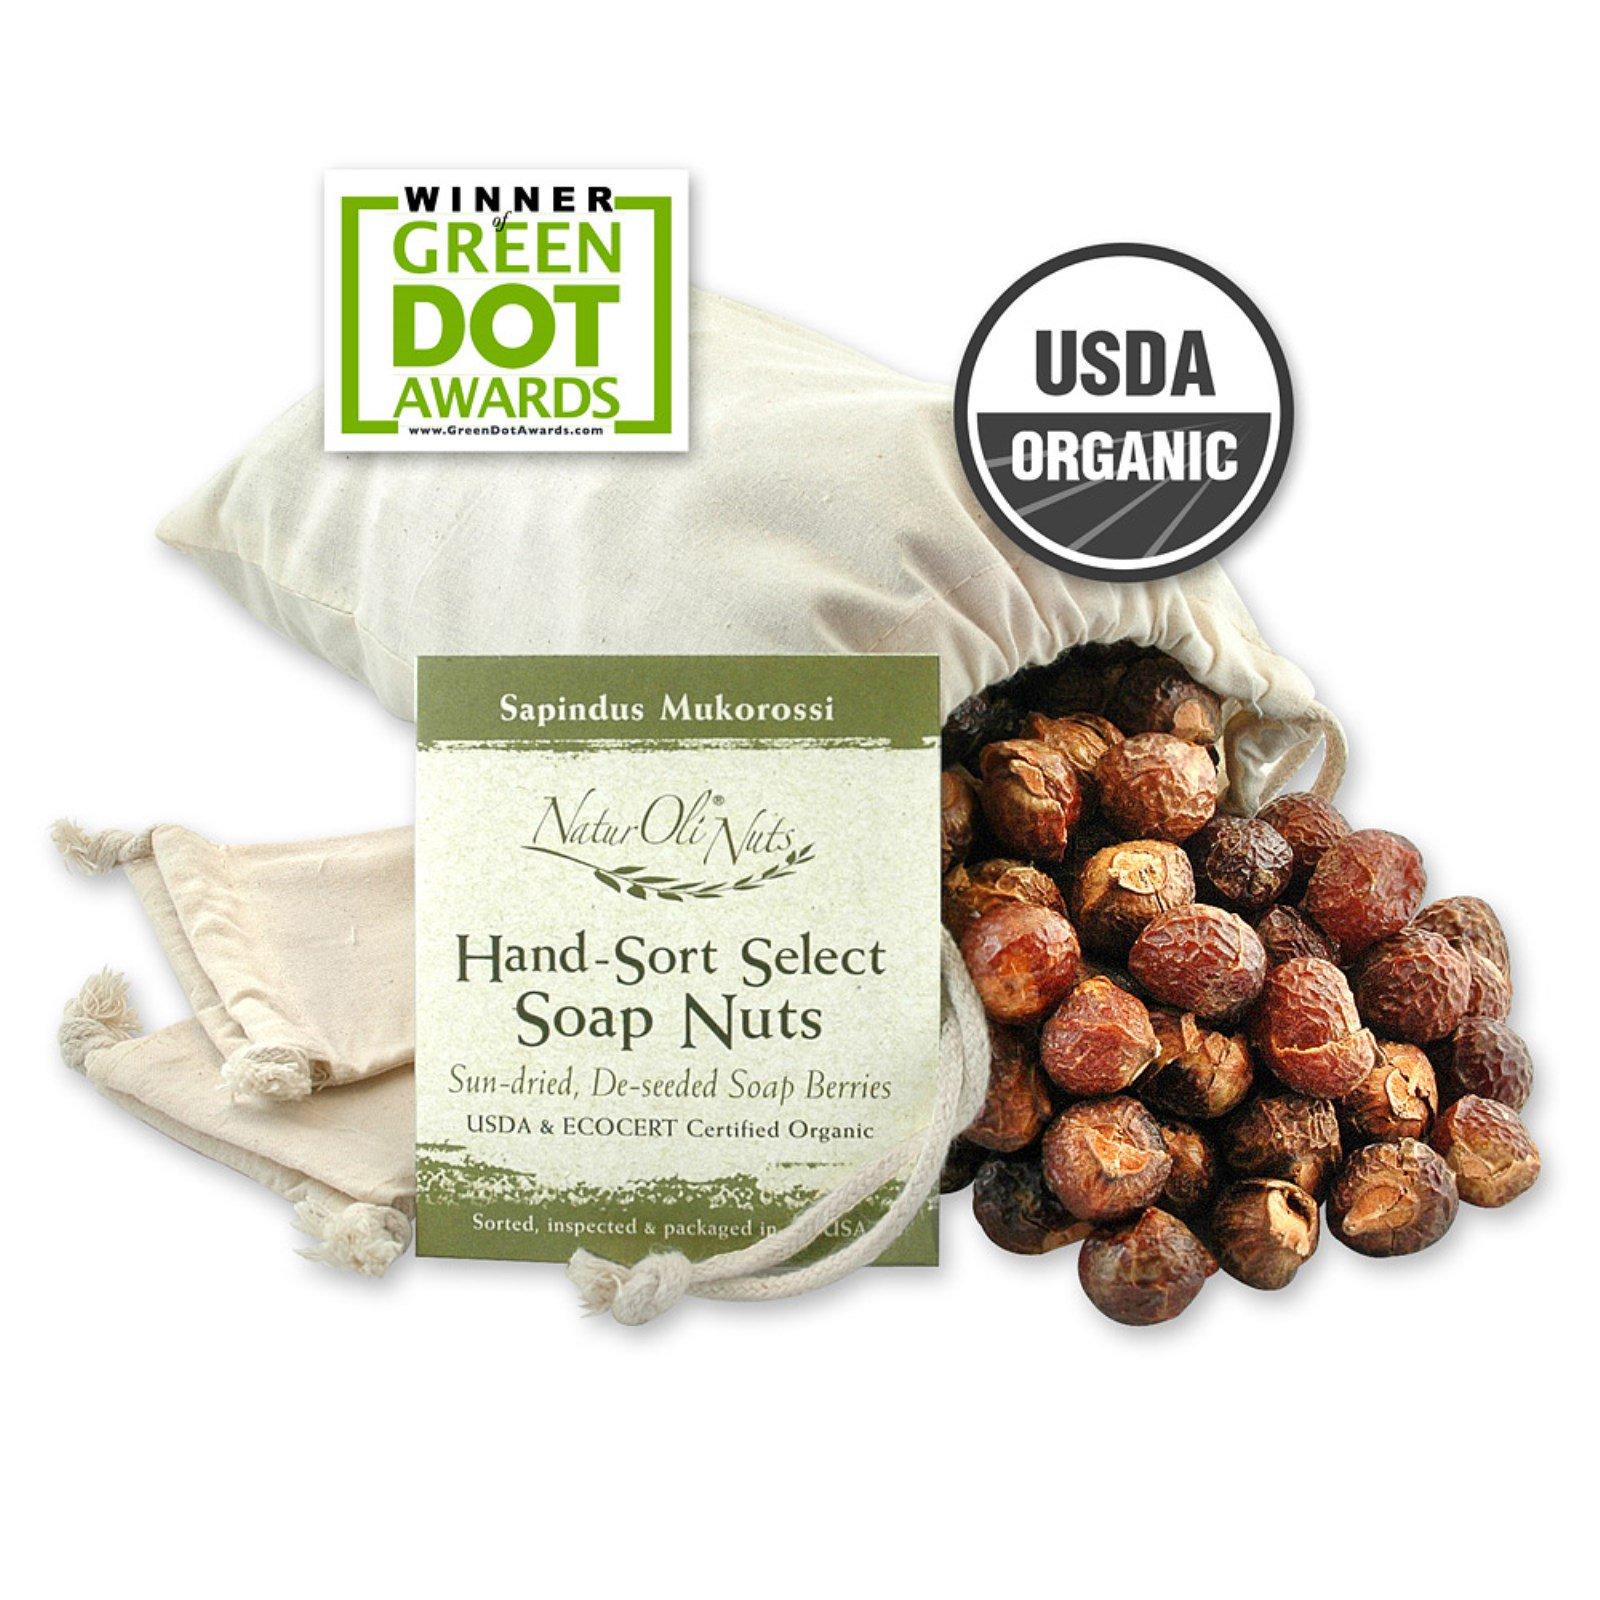 NaturOli, Organic, отобранные вручную мыльные орехи с 2 муслиновыми мешочками на кулиске, 32 унции